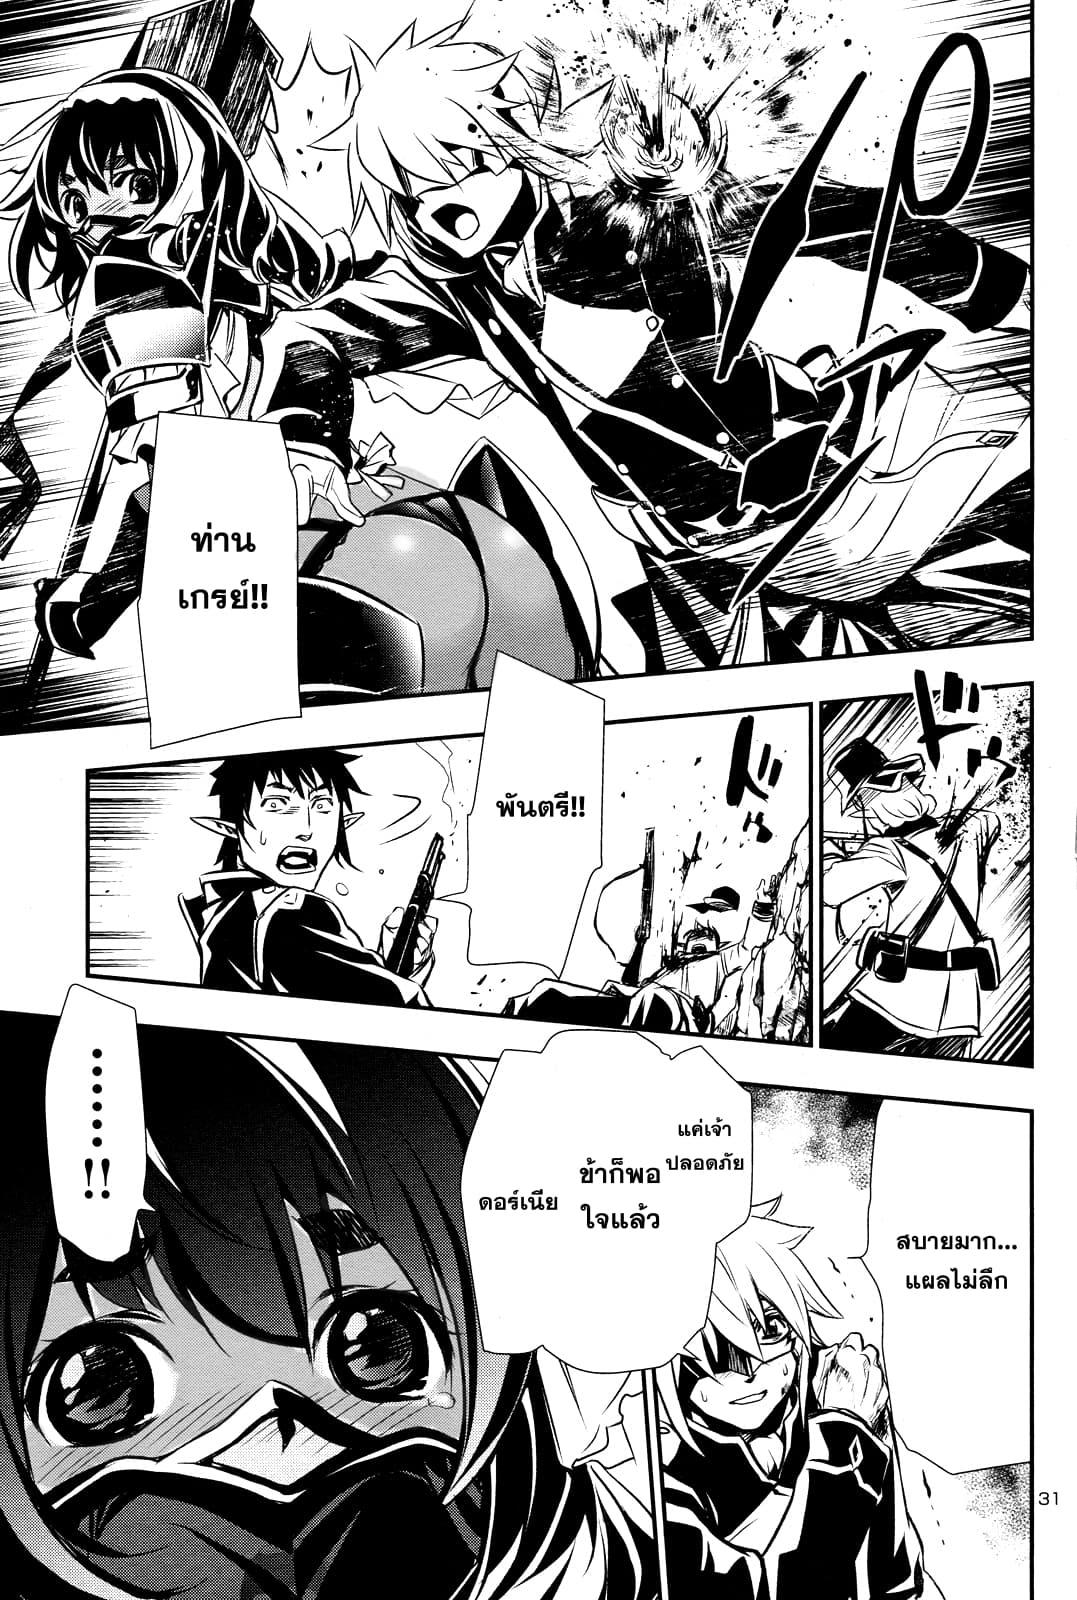 อ่านการ์ตูน Shinju no Nectar ตอนที่ 12 หน้าที่ 31